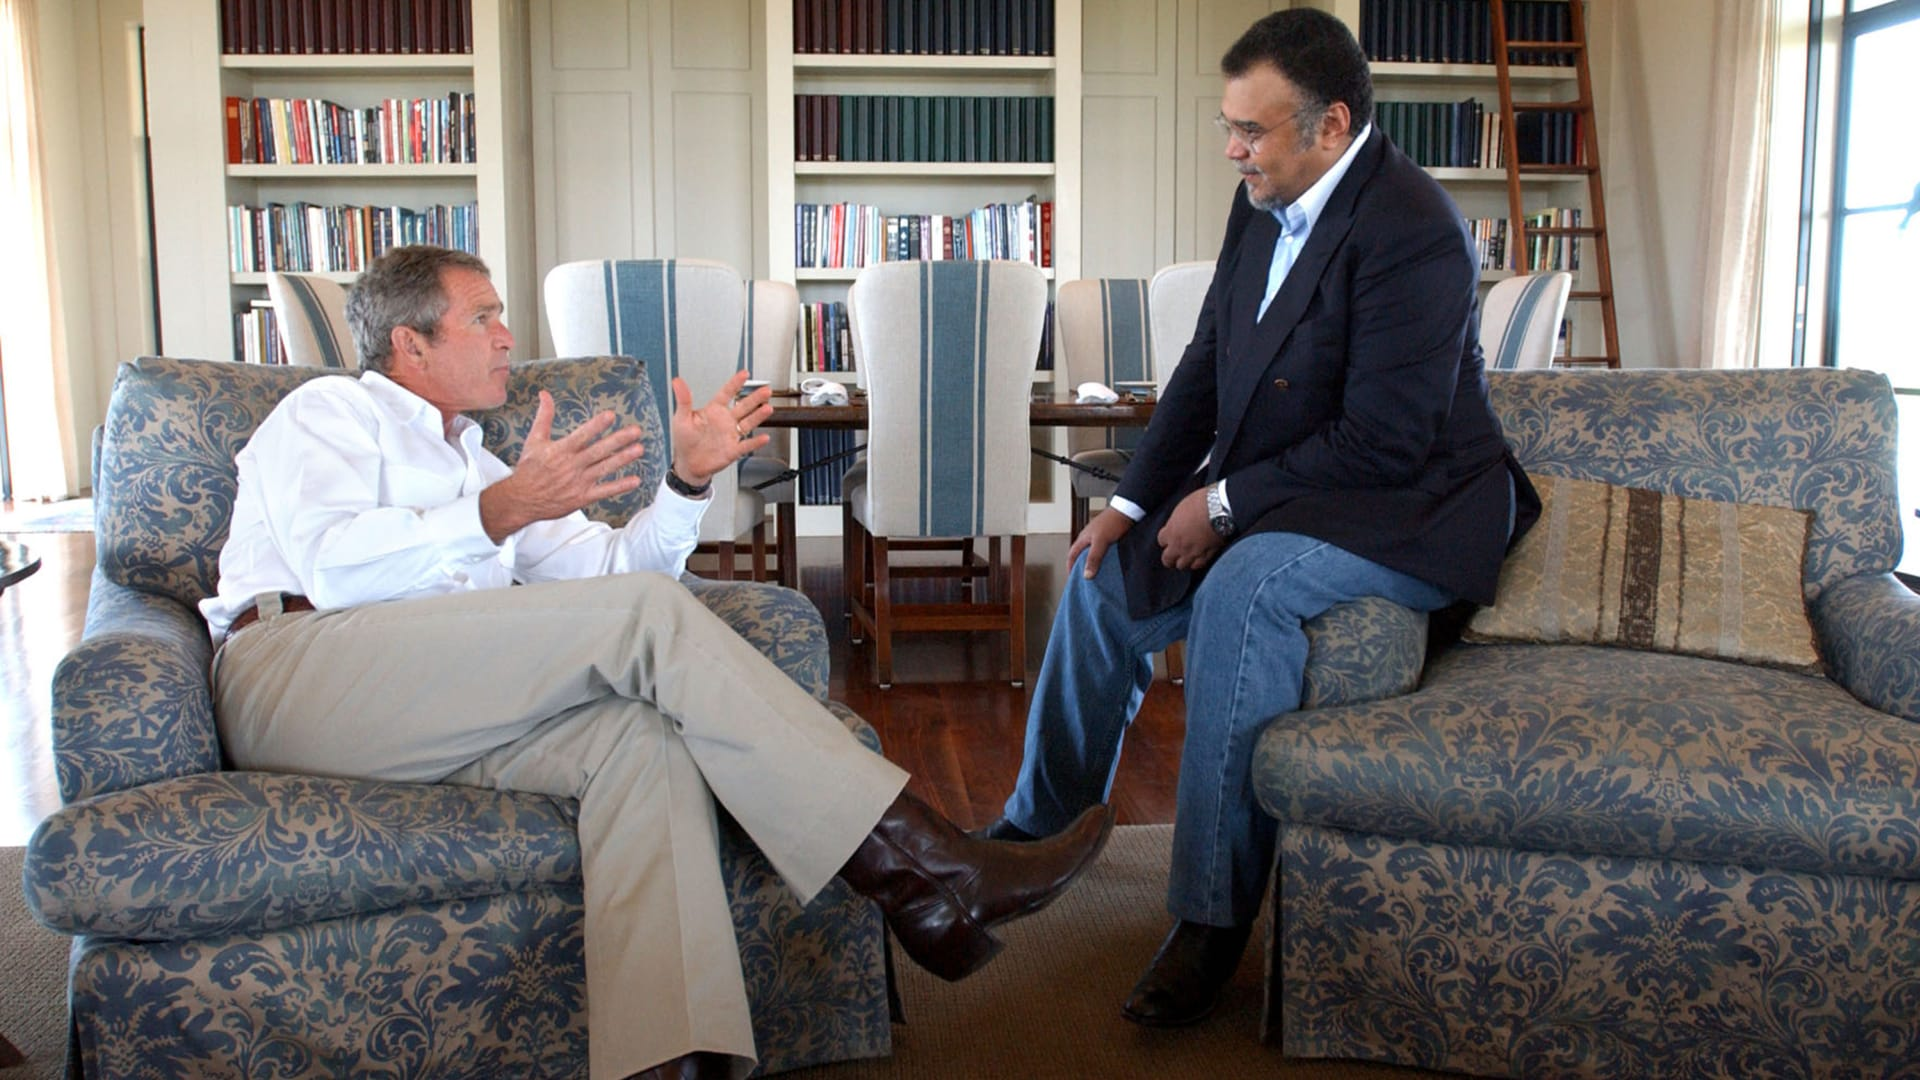 صورة أرشيفية للأمير بندر بن سلطان والرئيس الأمريكي الاسبق جورج بوش في لقاء العام 2002